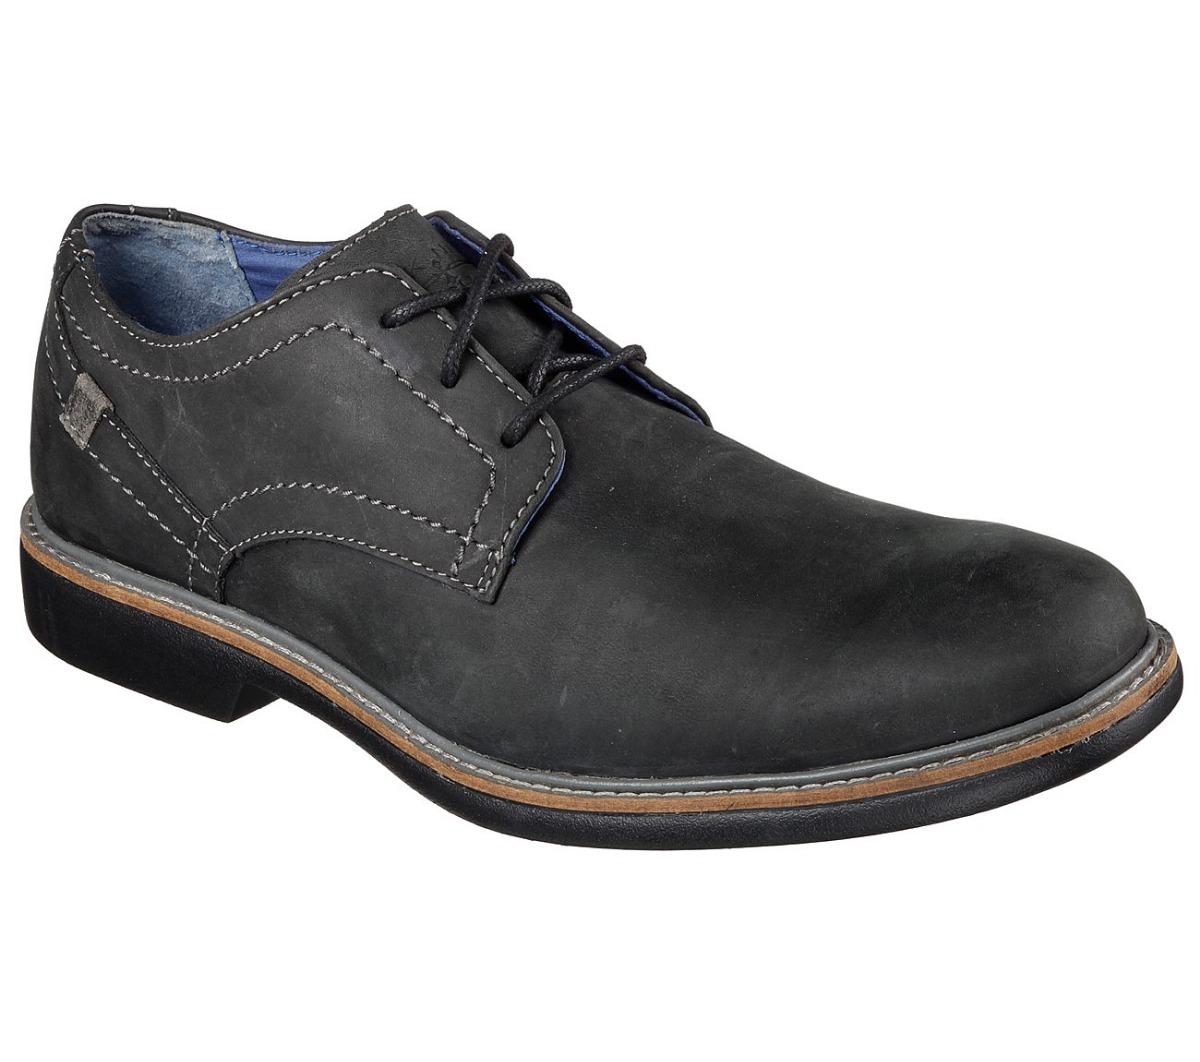 Nason Malling Skechers Zapato Hombre Mark Black rBoeCxd